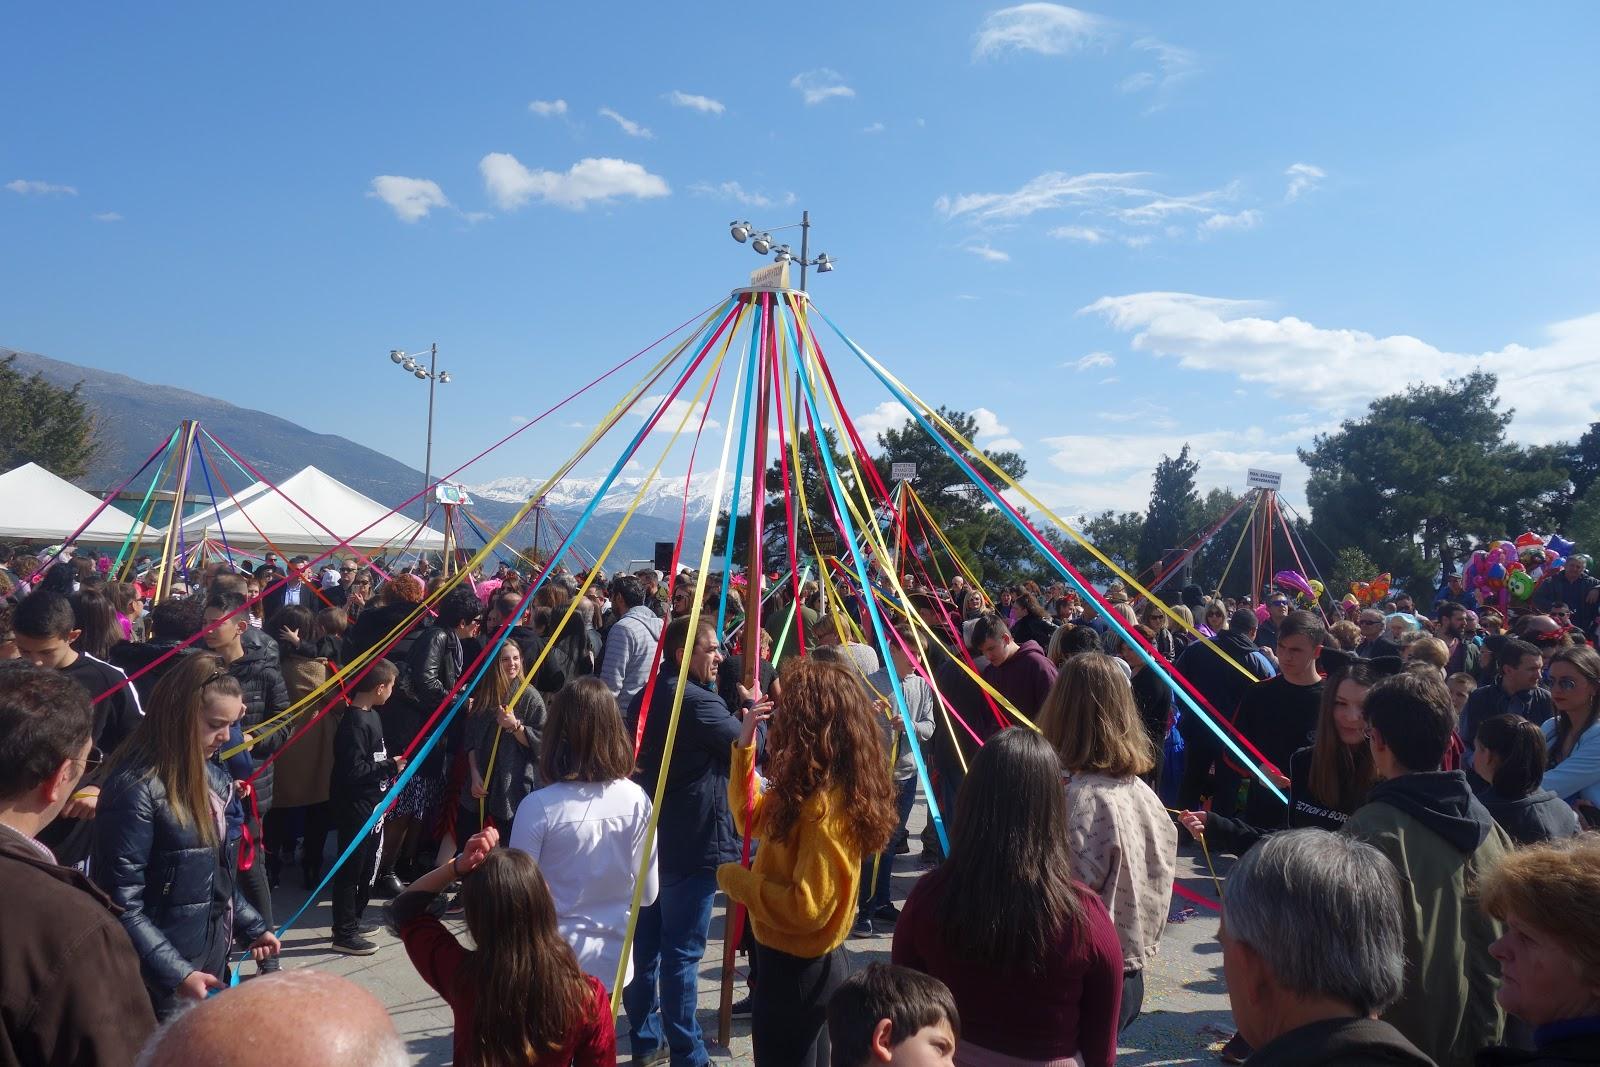 Κυριακή 23 Φεβρουαρίου,  Παραδοσιακό γαϊτανάκι στην κεντρική πλατεία Ιωαννίνων